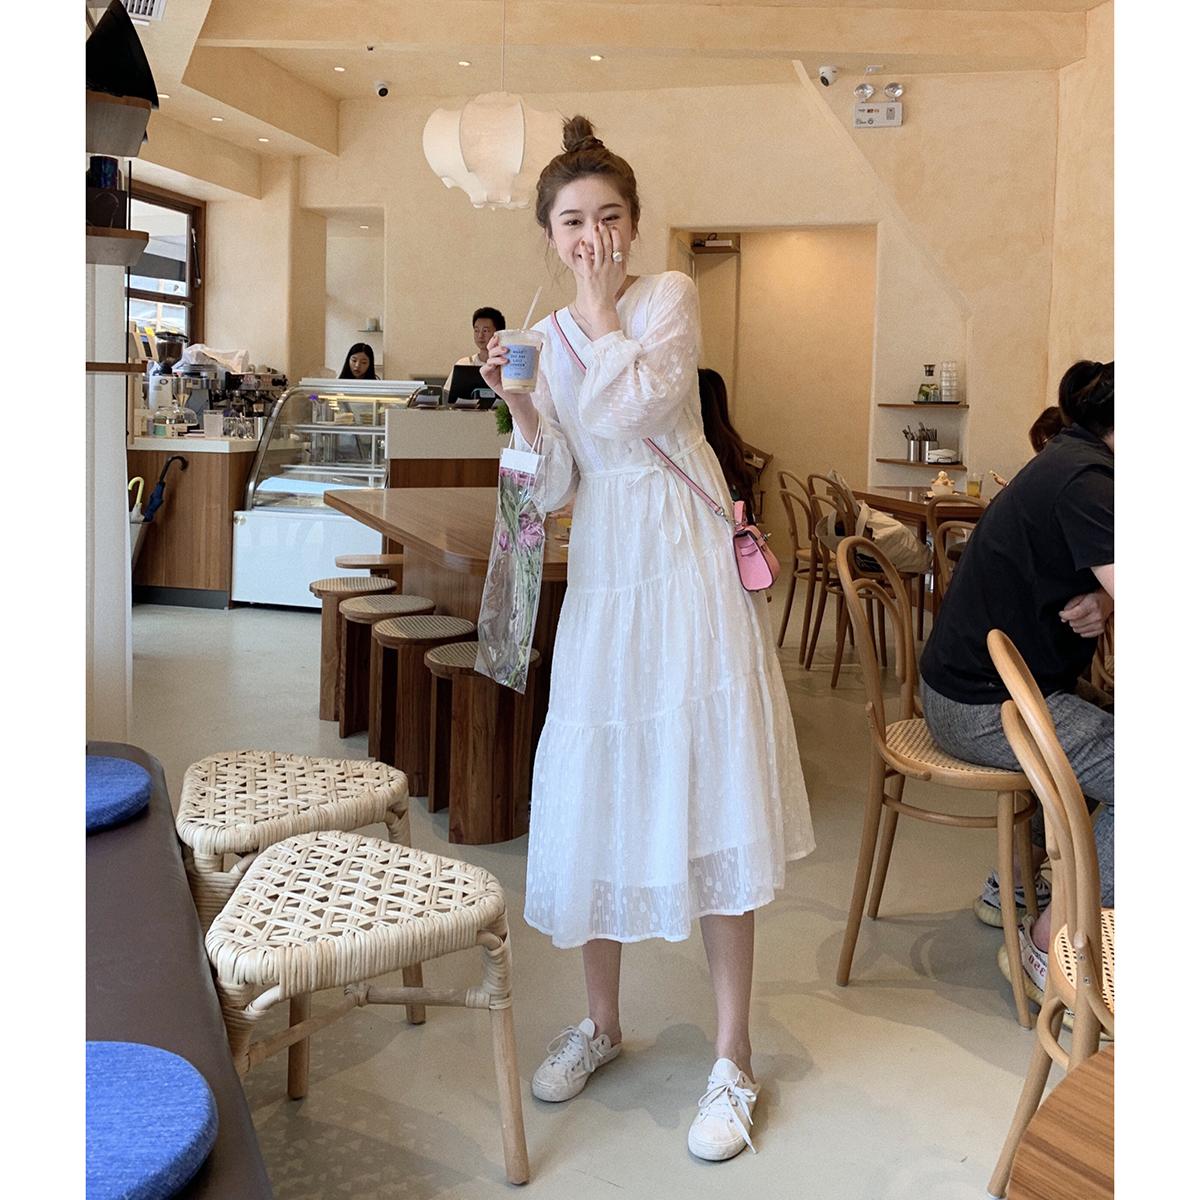 Толстый король панель белый Сказочное платье женское осень 2019 длинный рукав Супер фея талия прогрессивный Струящееся платье